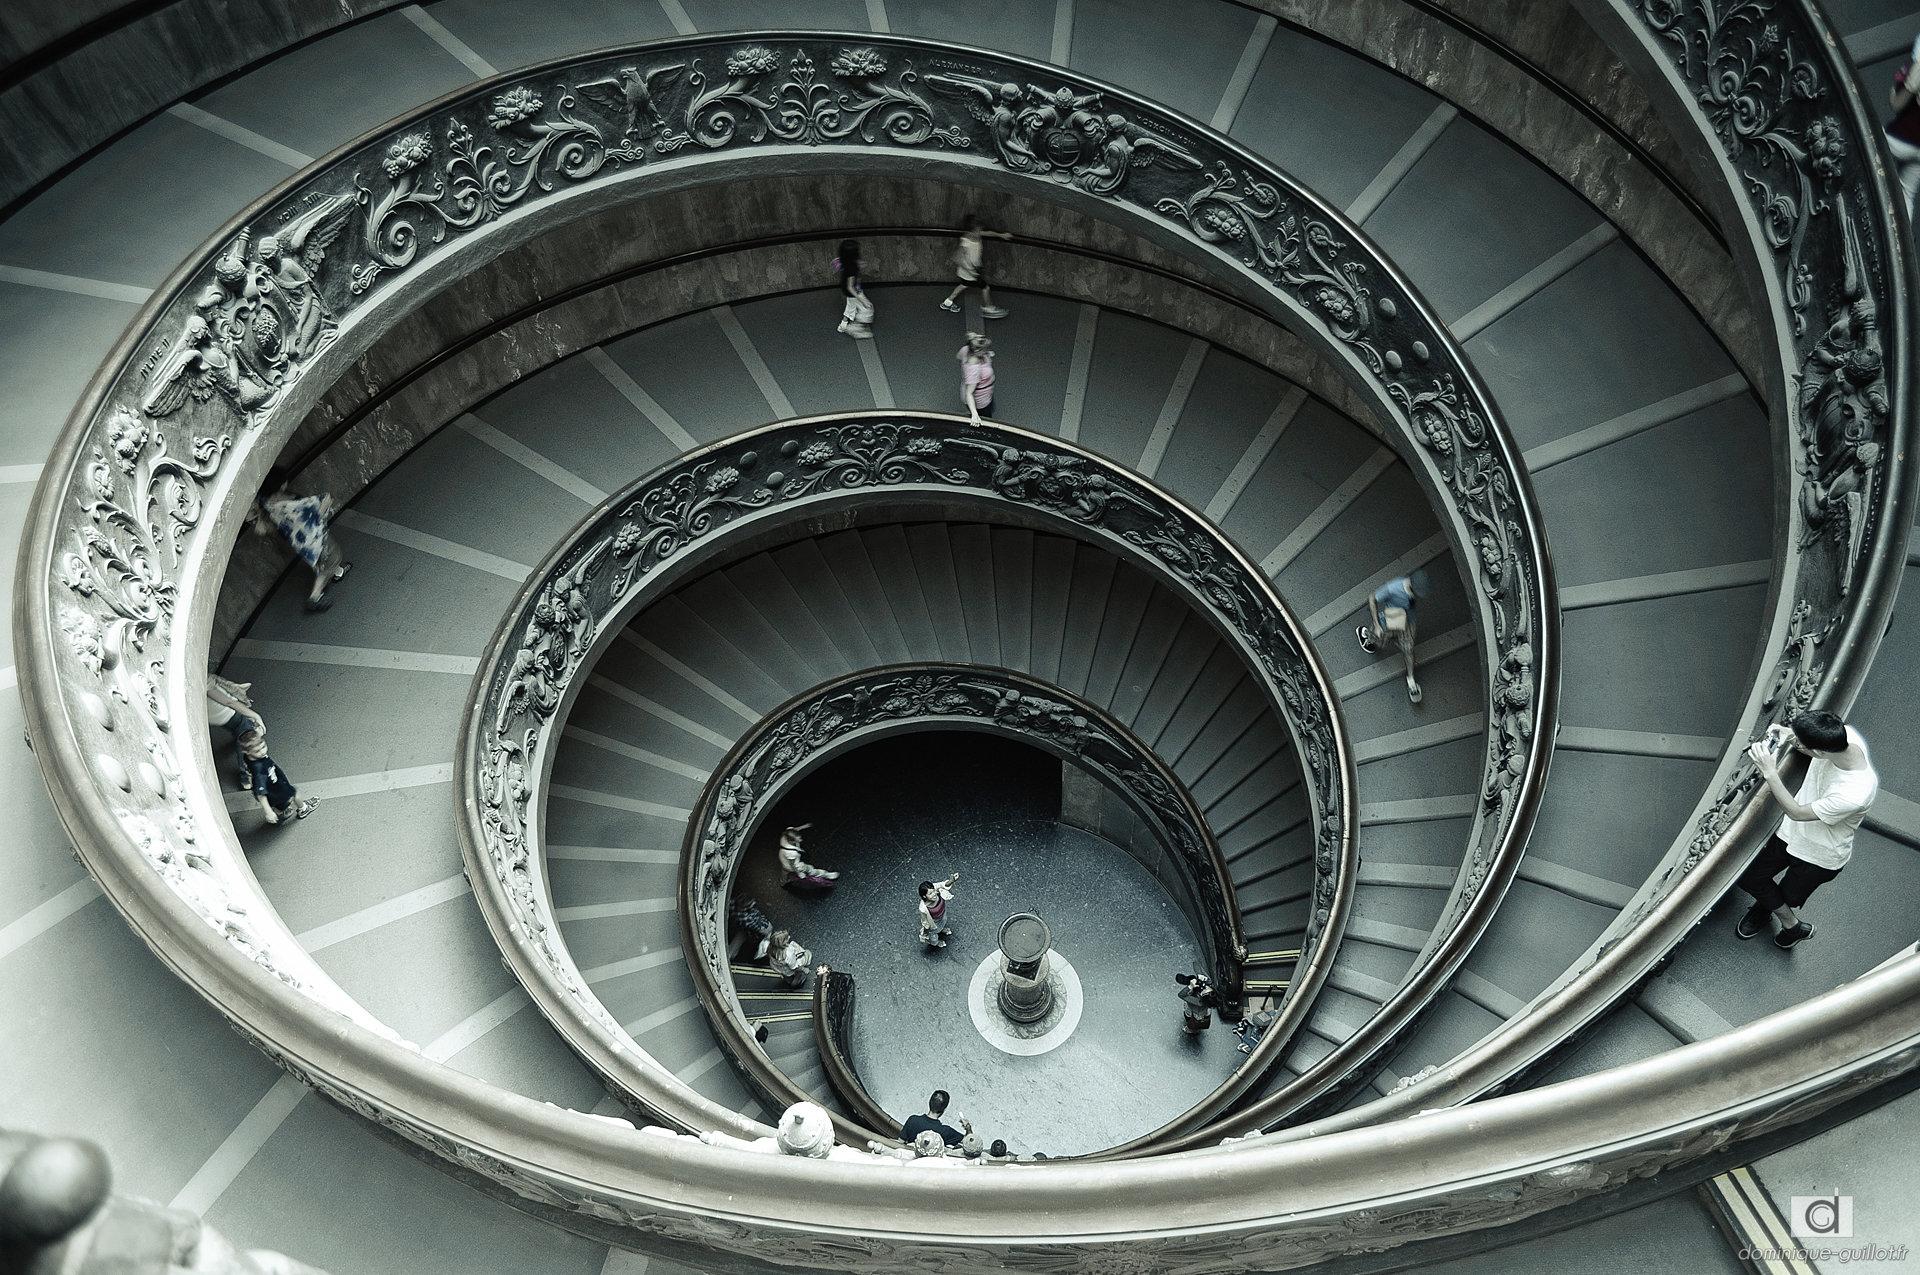 dominique guillot photos escalier du mus e du vatican. Black Bedroom Furniture Sets. Home Design Ideas